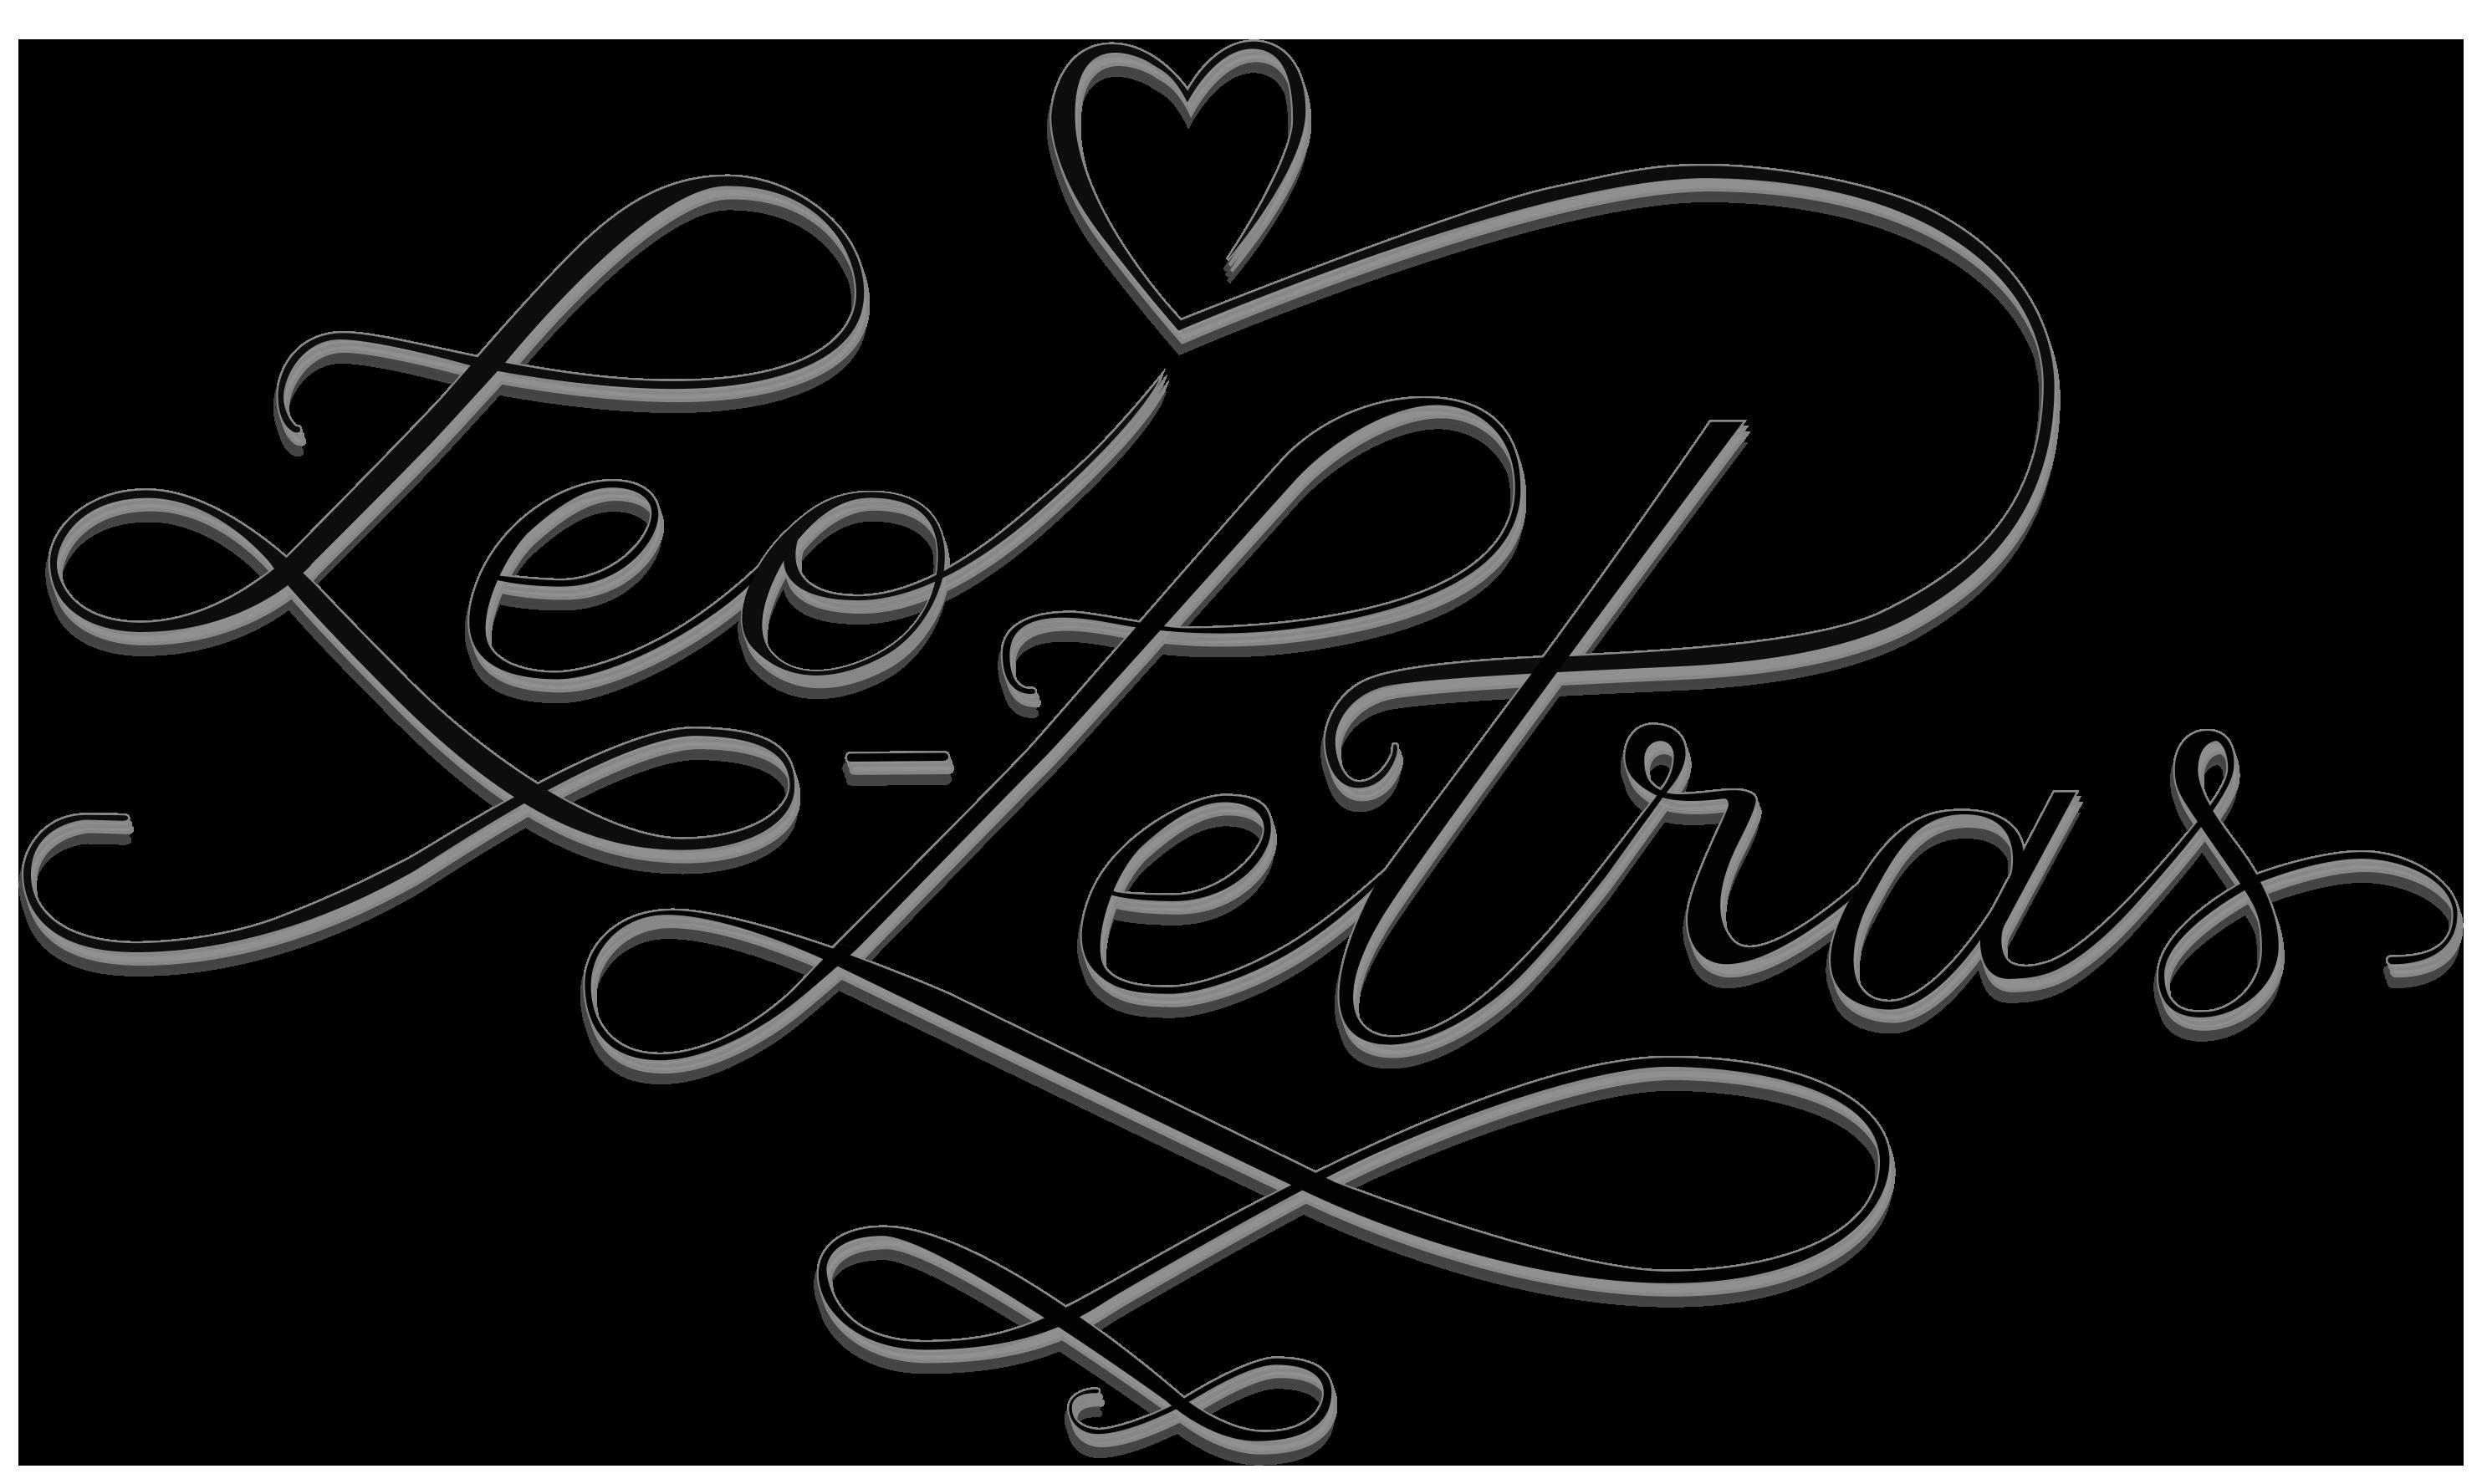 Leo_letras